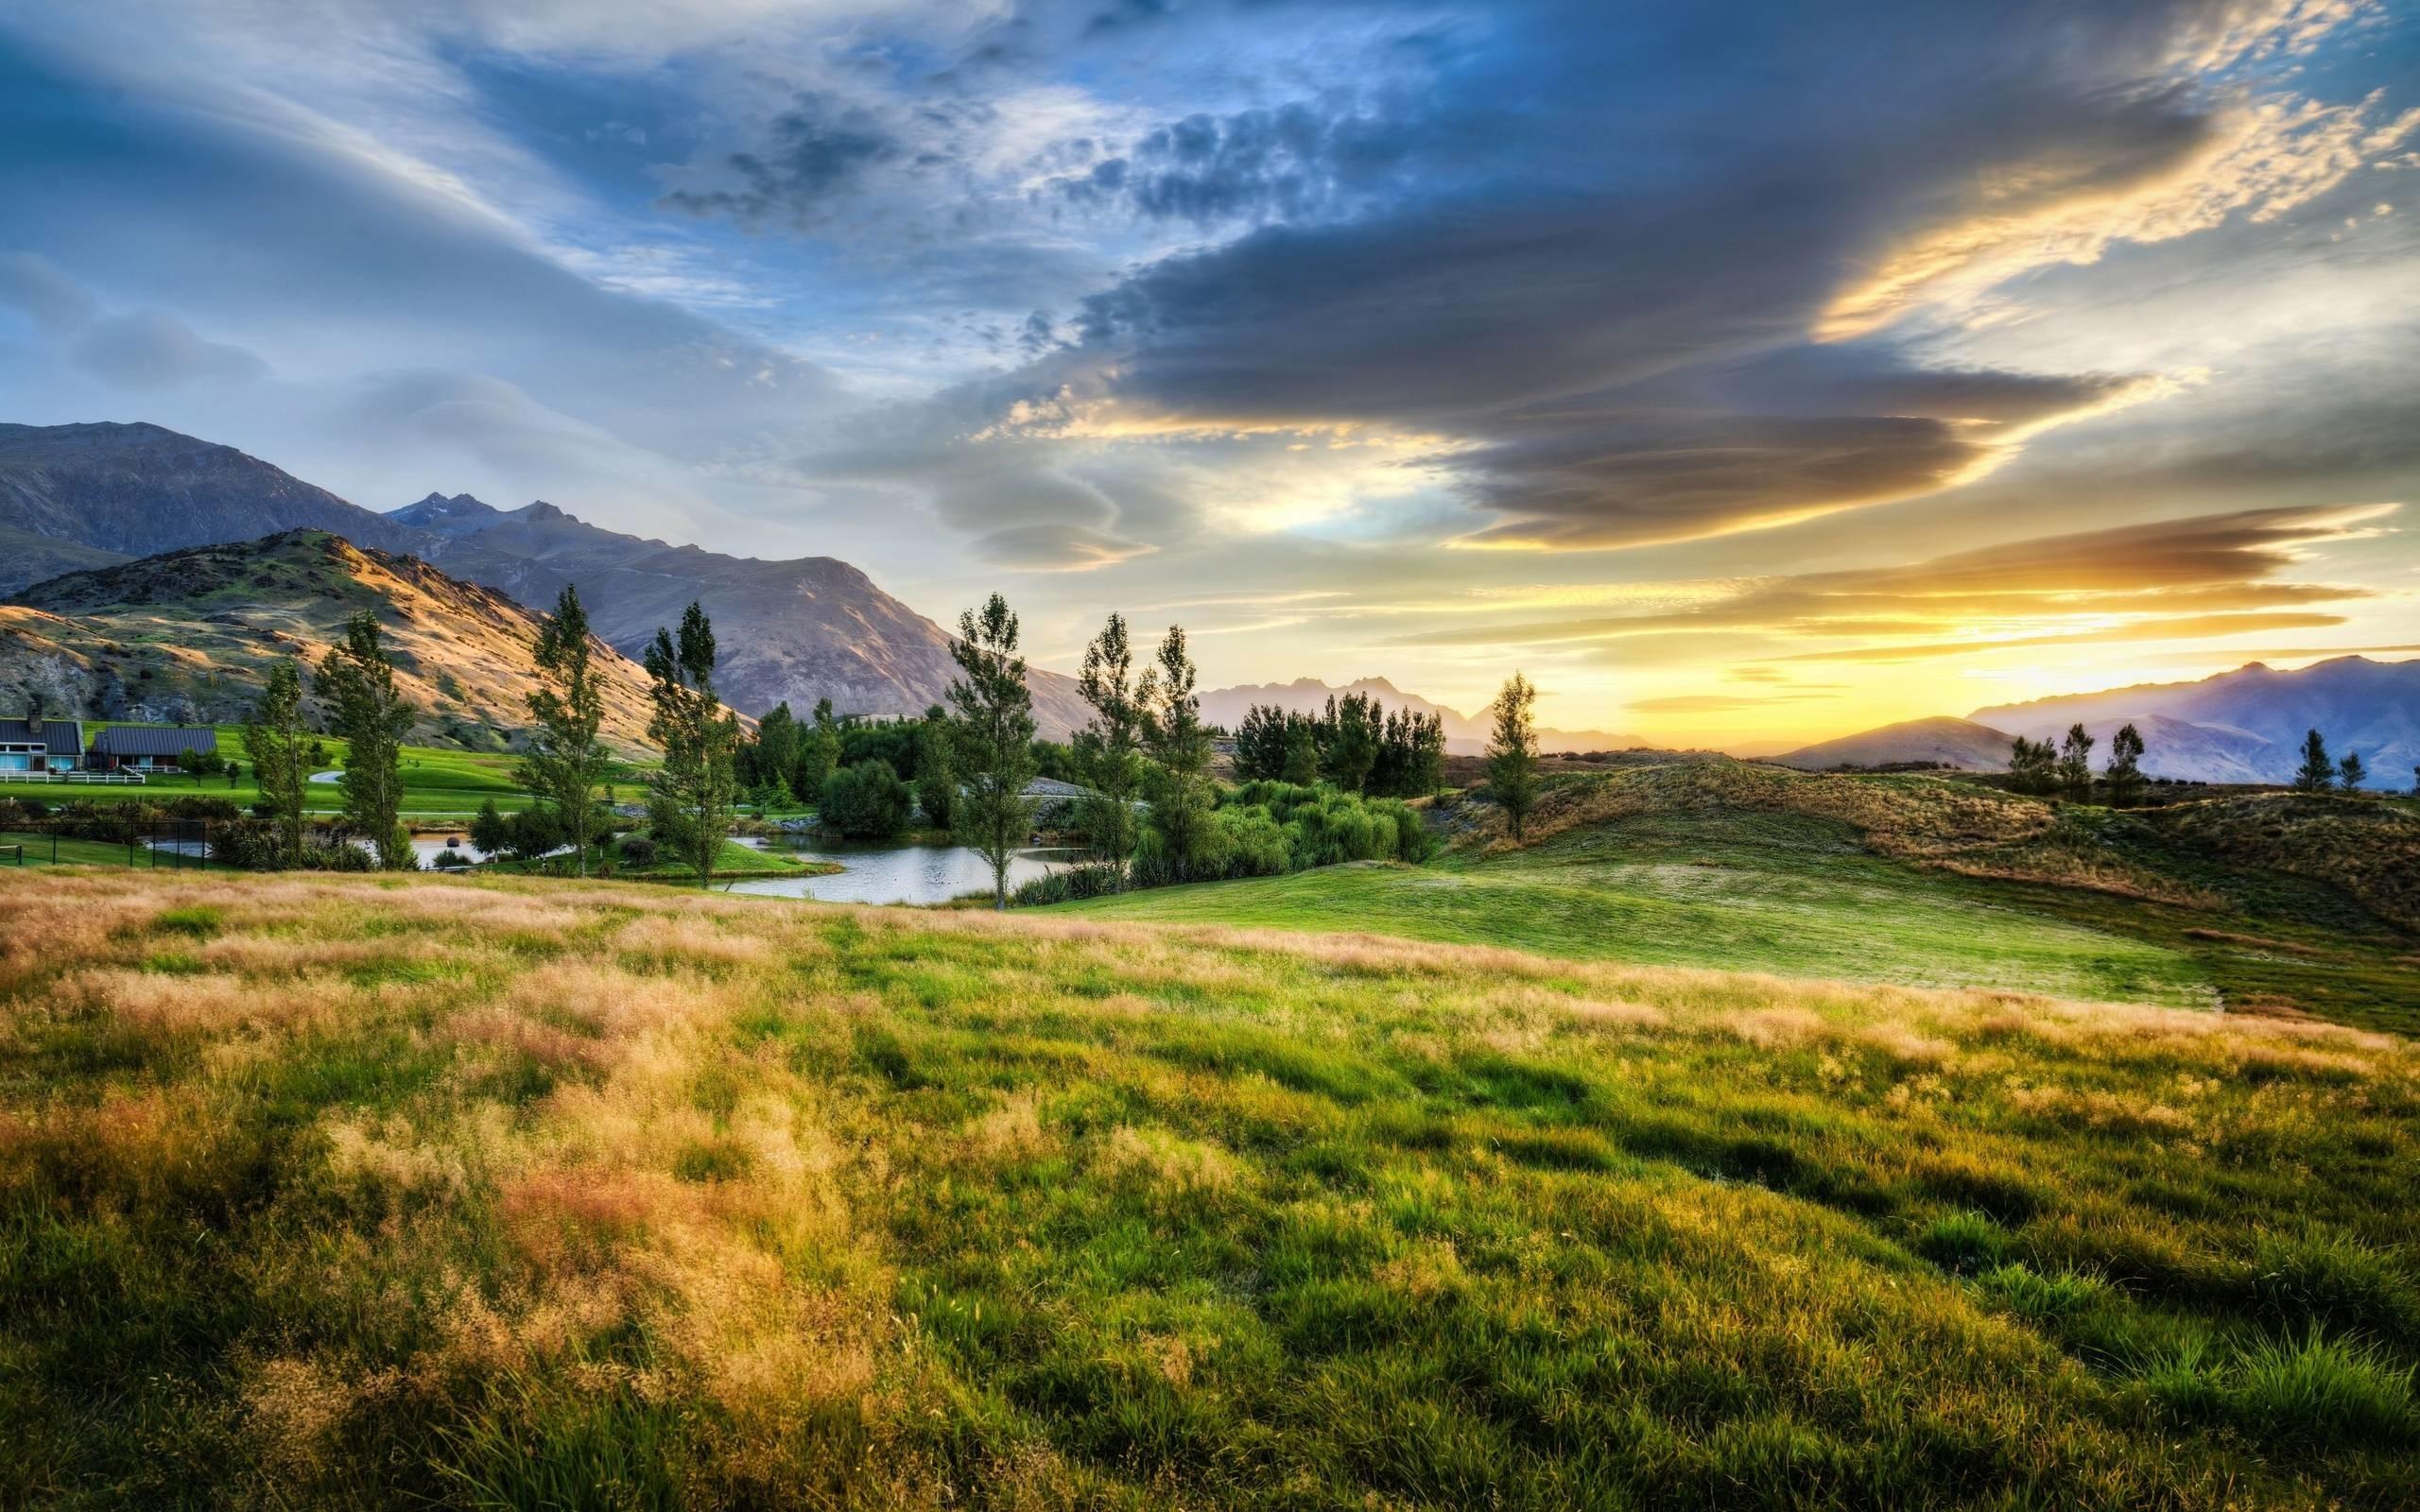 New Zealand Landscape Wallpaper Free Desktop 8 HD Wallpapers .